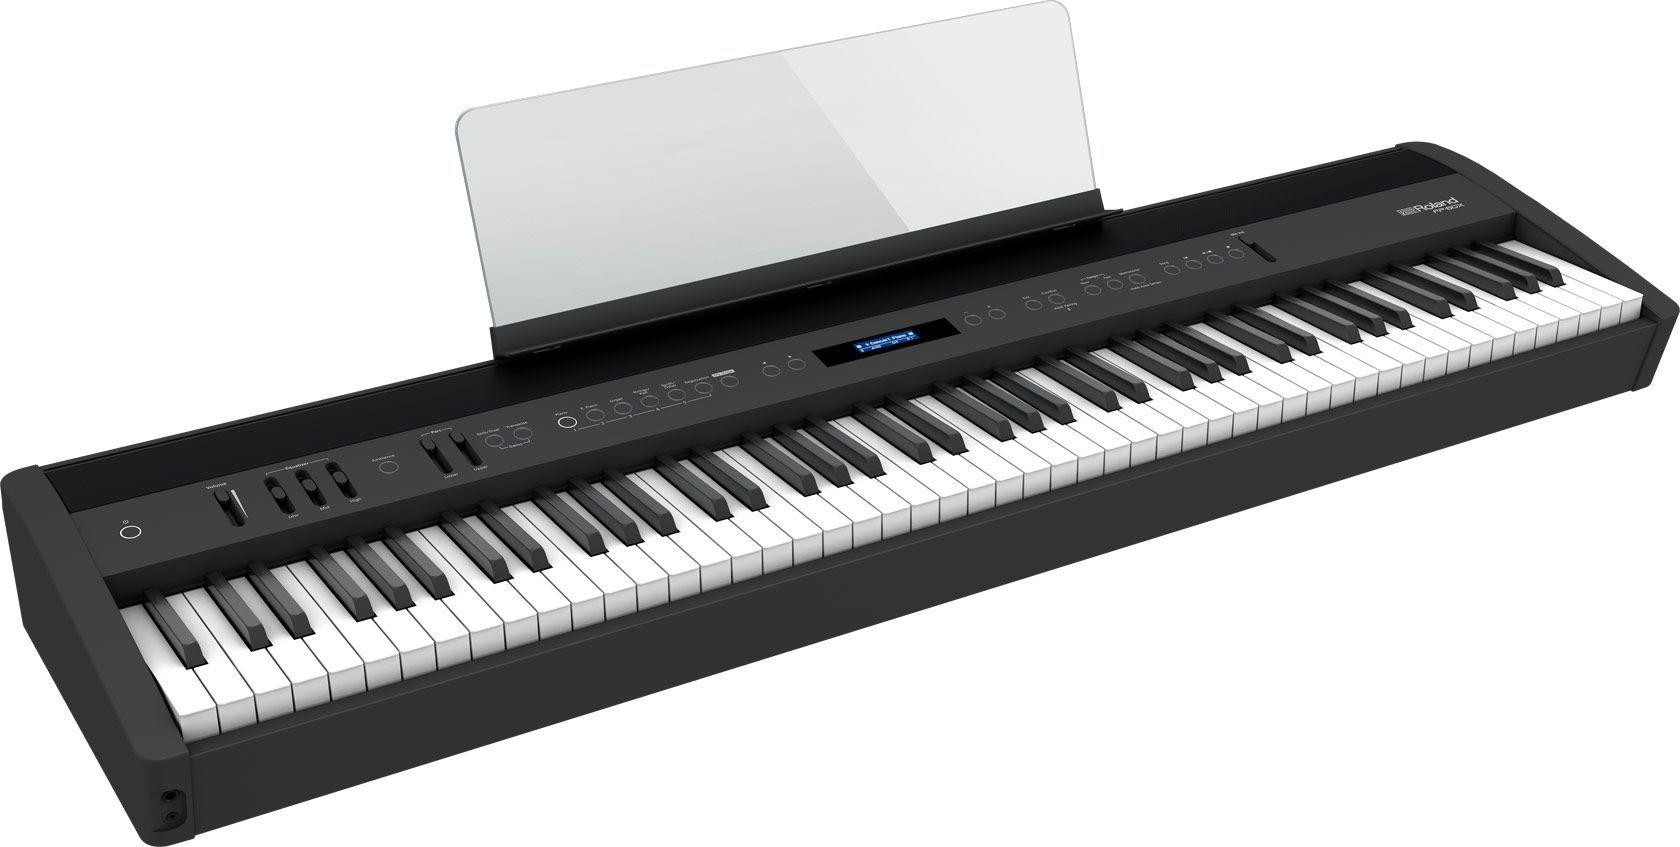 Roland FP-60X-BK Stagepiano schwarz Digitalpiano mit Lautsprechern